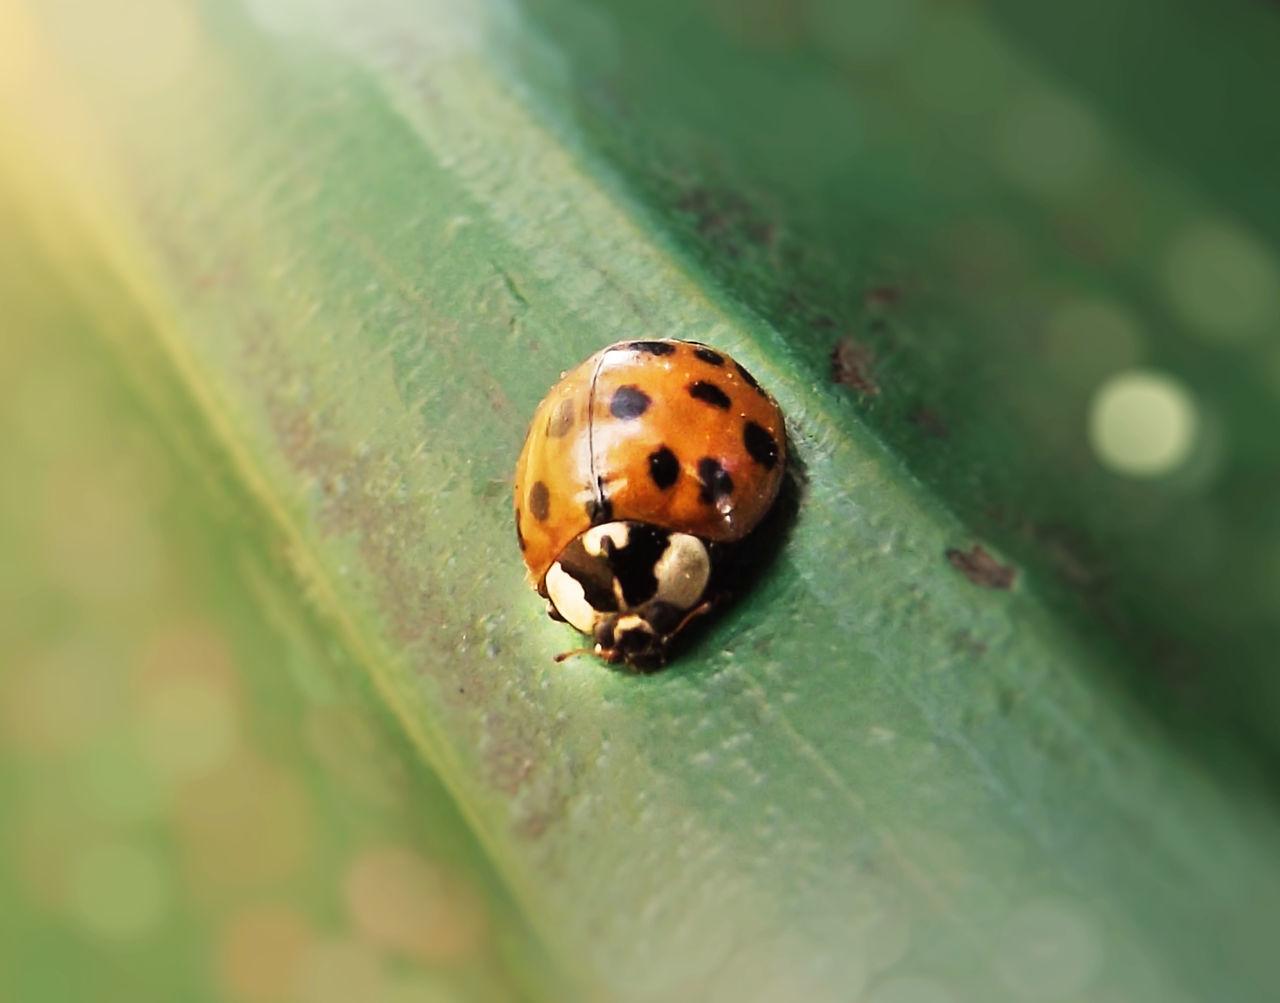 Beetle Bokeh Close-up Closeupshot Insect Ladybug Ladybug Ladybugmacro Ladybugphoto Ladybugs Ladybug🐞